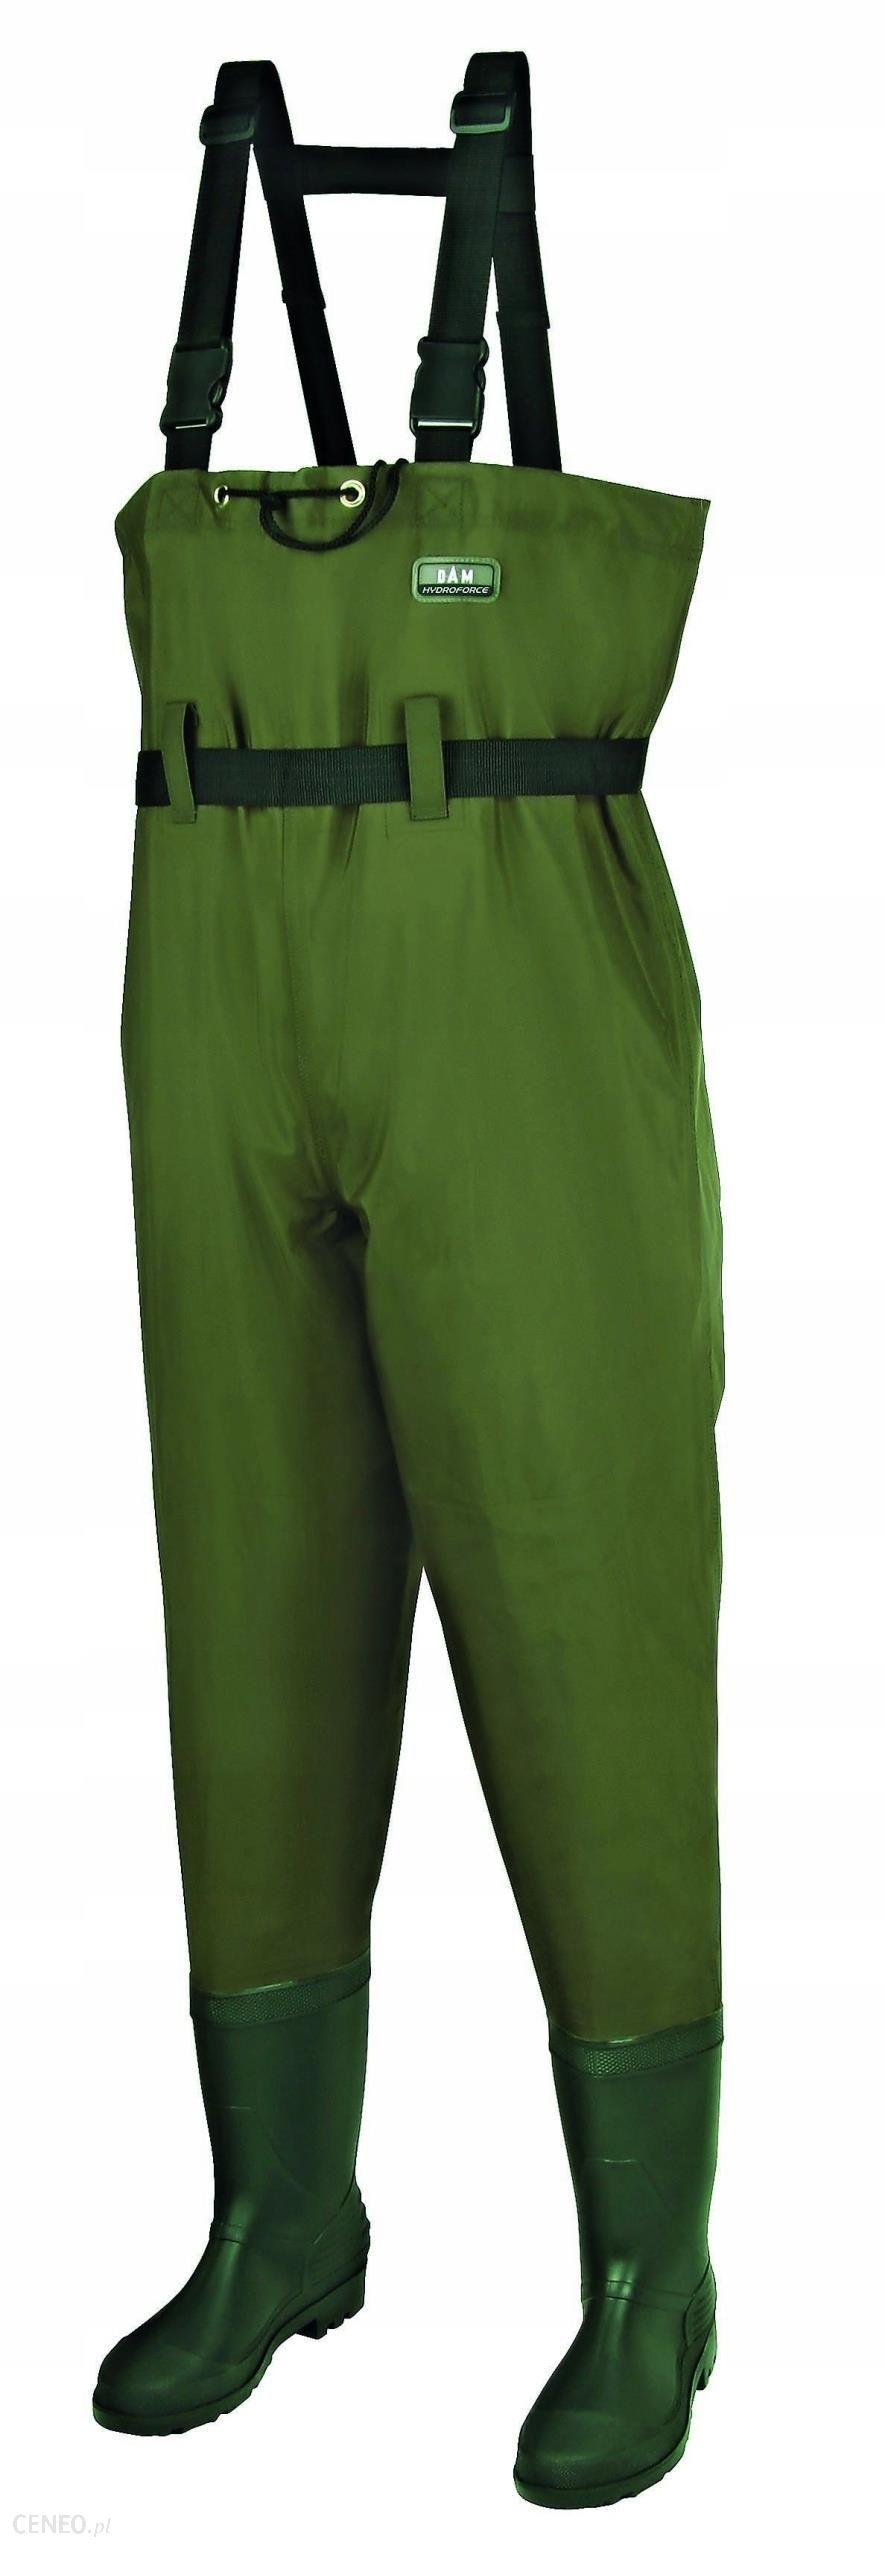 Spodniobuty Dam Hydroforce Nylon Taslan 46/47 8713046